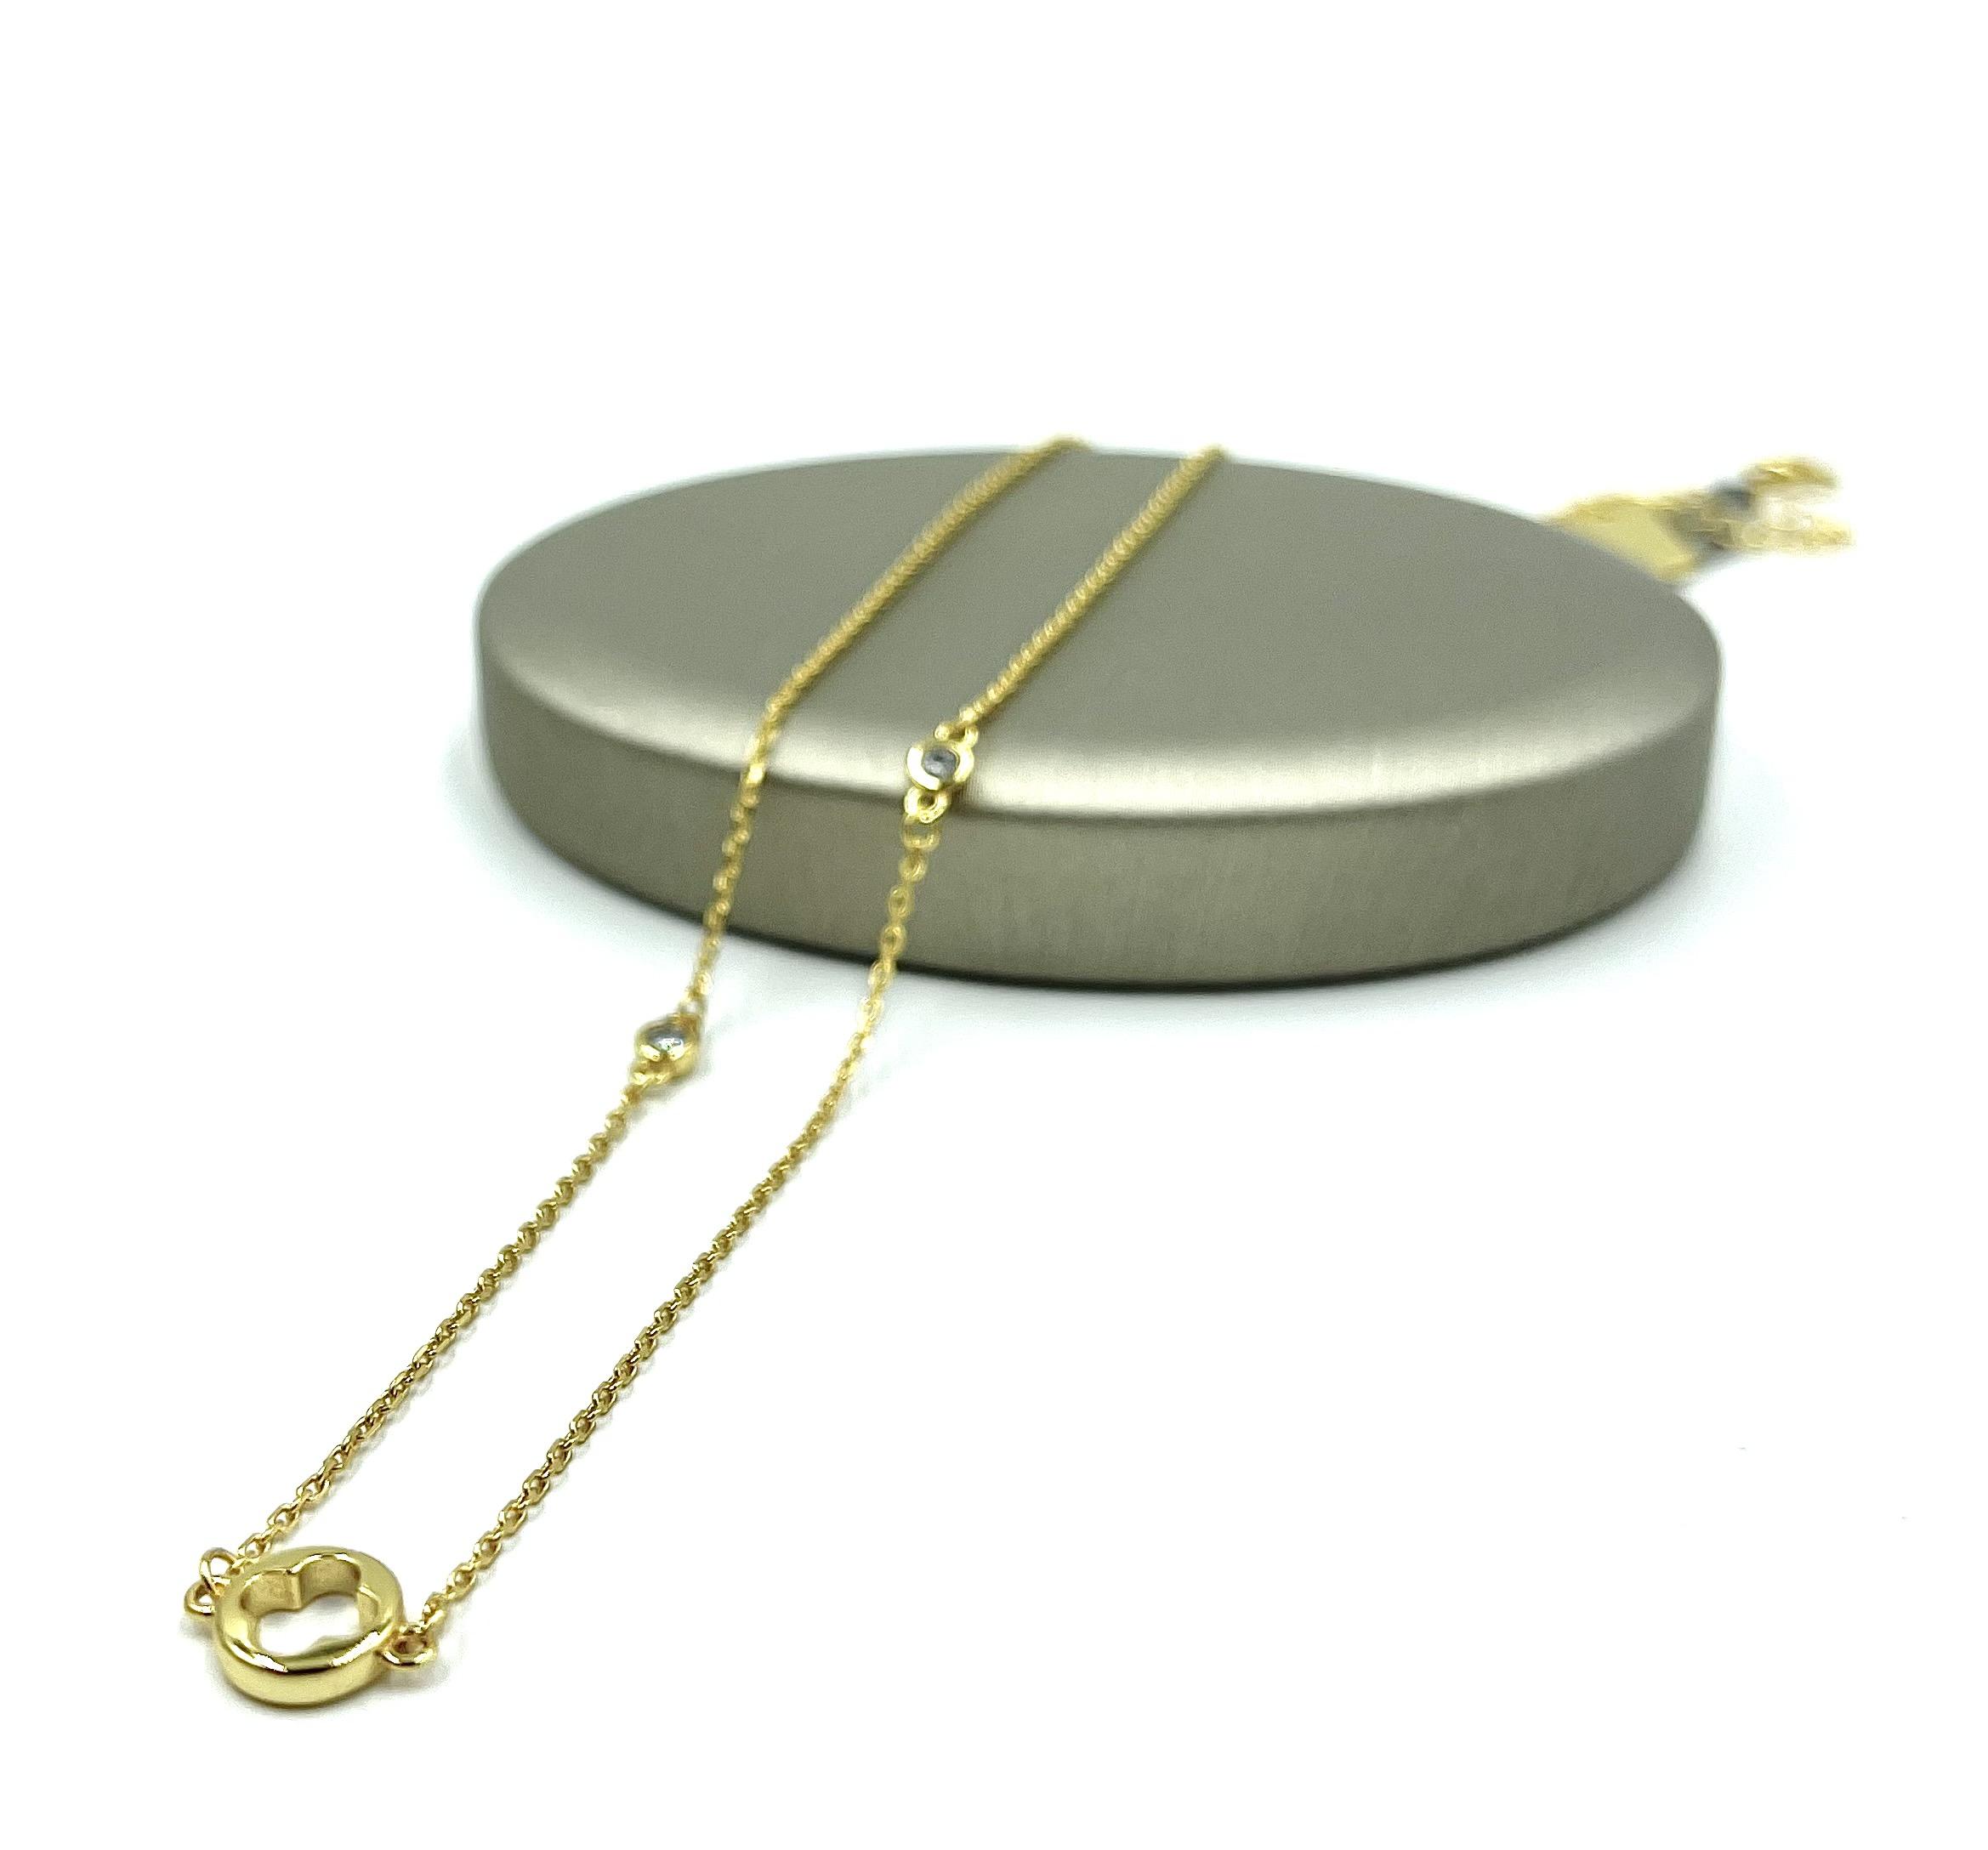 J.lionthelabel-Fortuna Necklace Gold-008